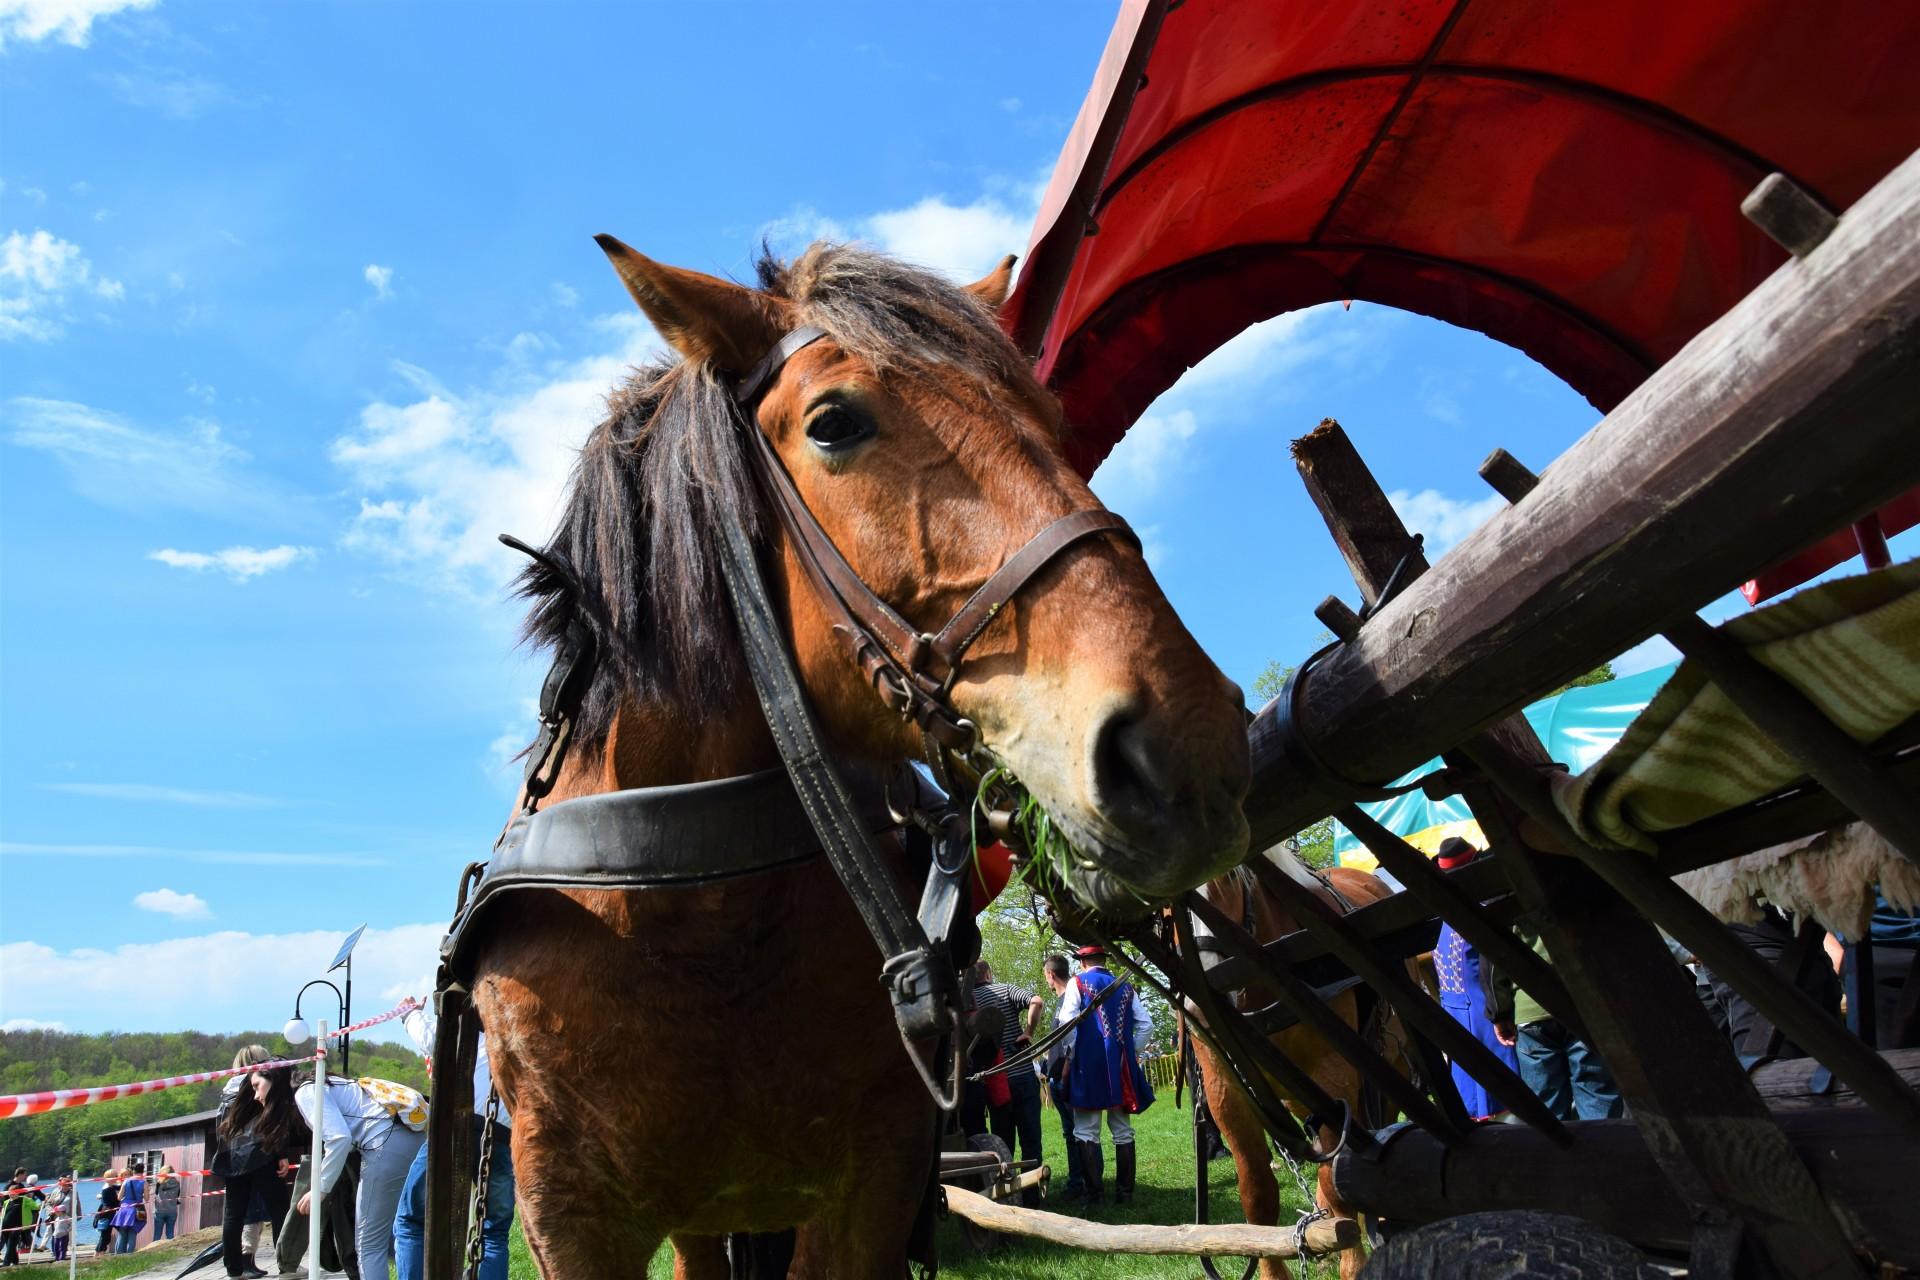 Konie, Kaszuby, Wiśta wio! Zawody w Ostrzycach [FOTOREPORTAŻ] 11